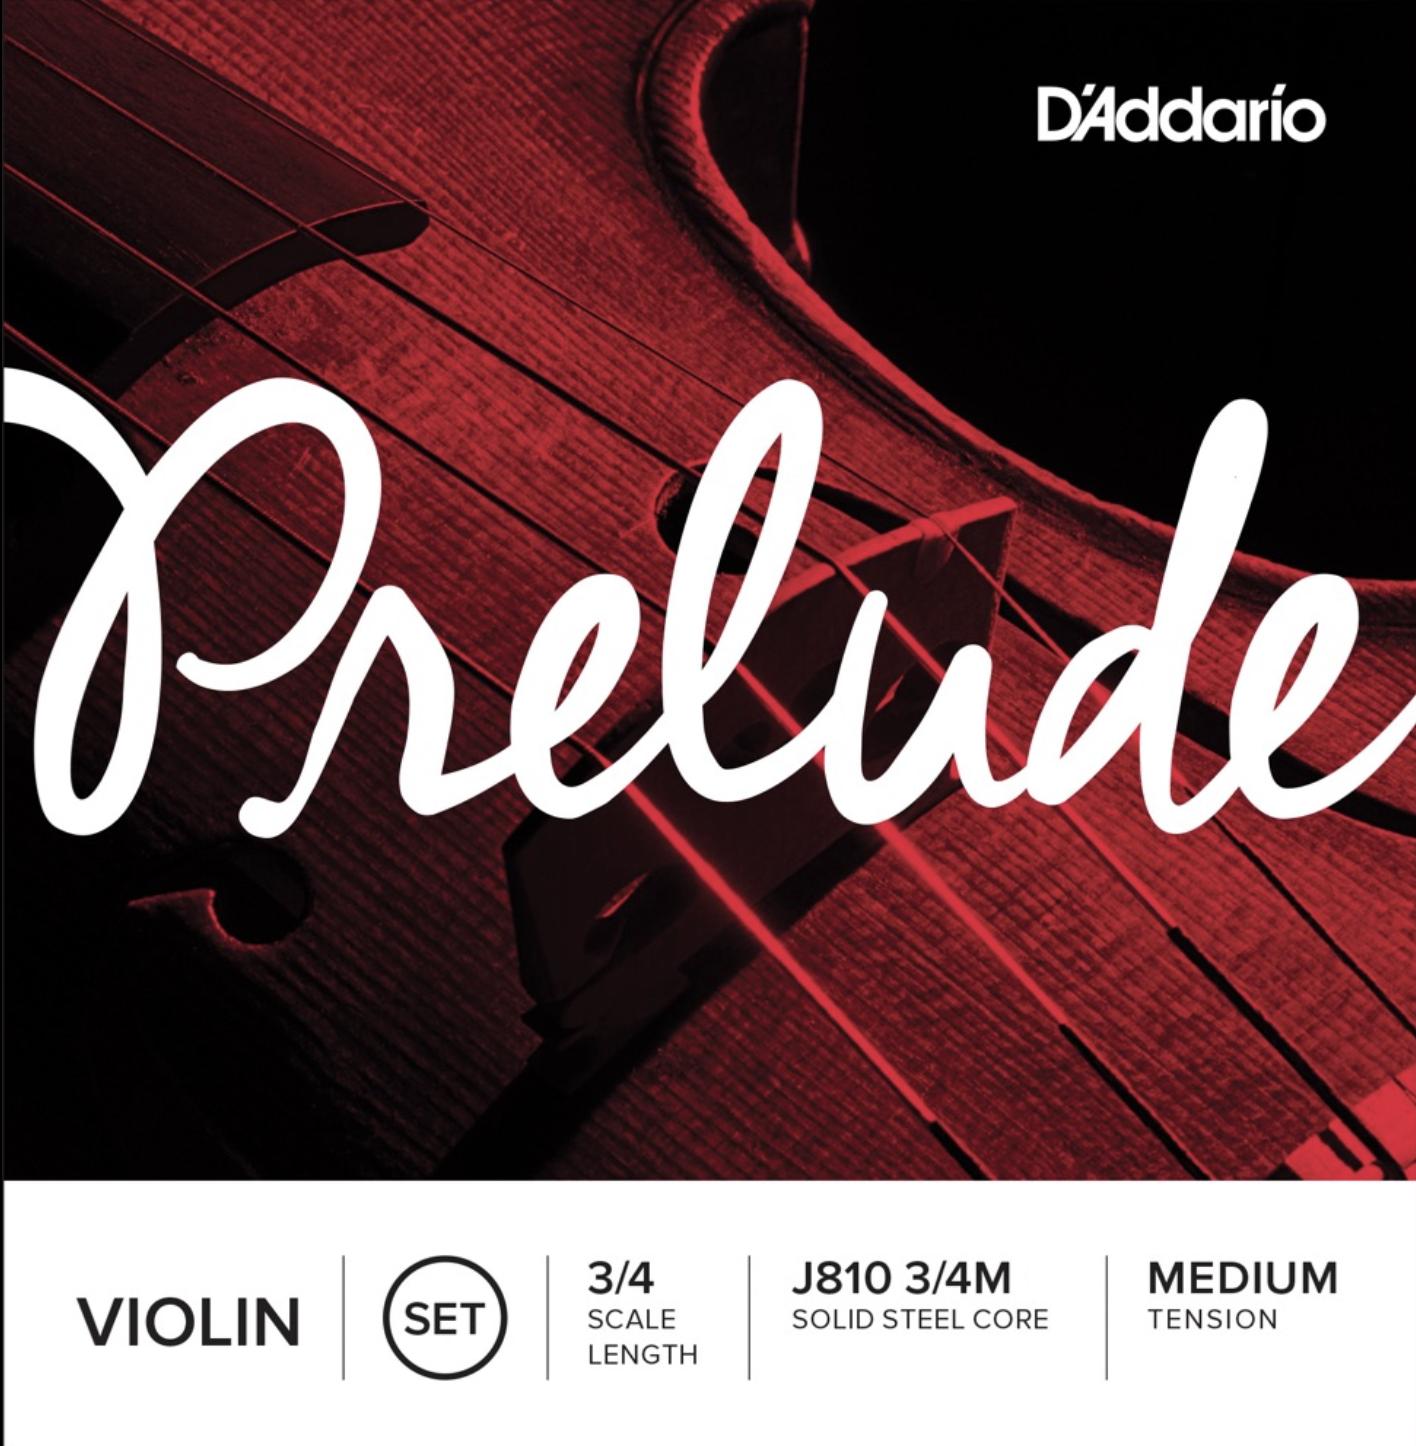 D'Addario J810 3/4M strengesett til fiolin 3/4 - Medium tension